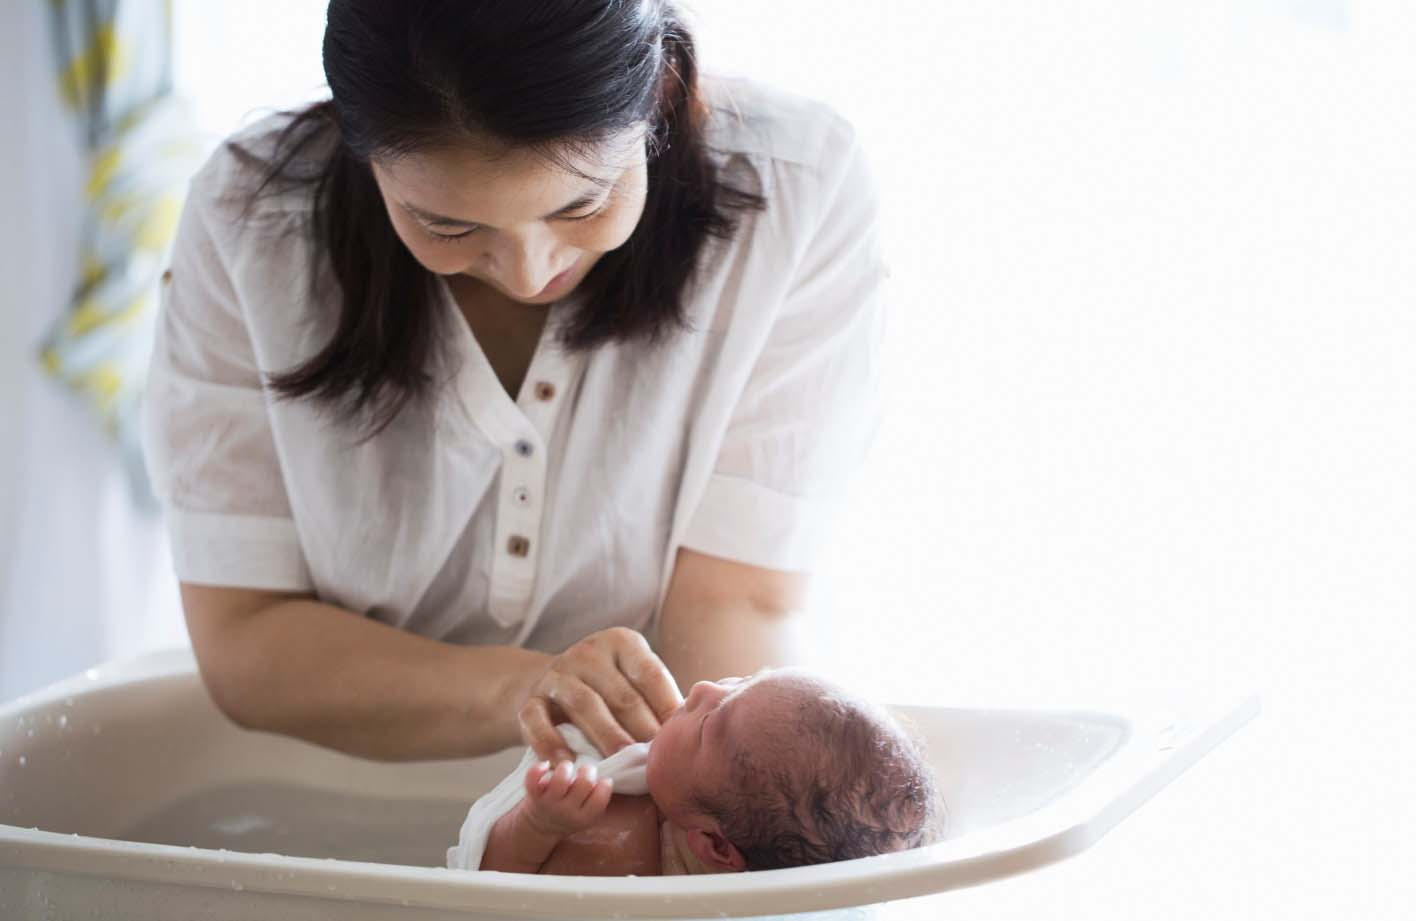 Produk Bayi Terbaik untuk Bayi Baru Lahir